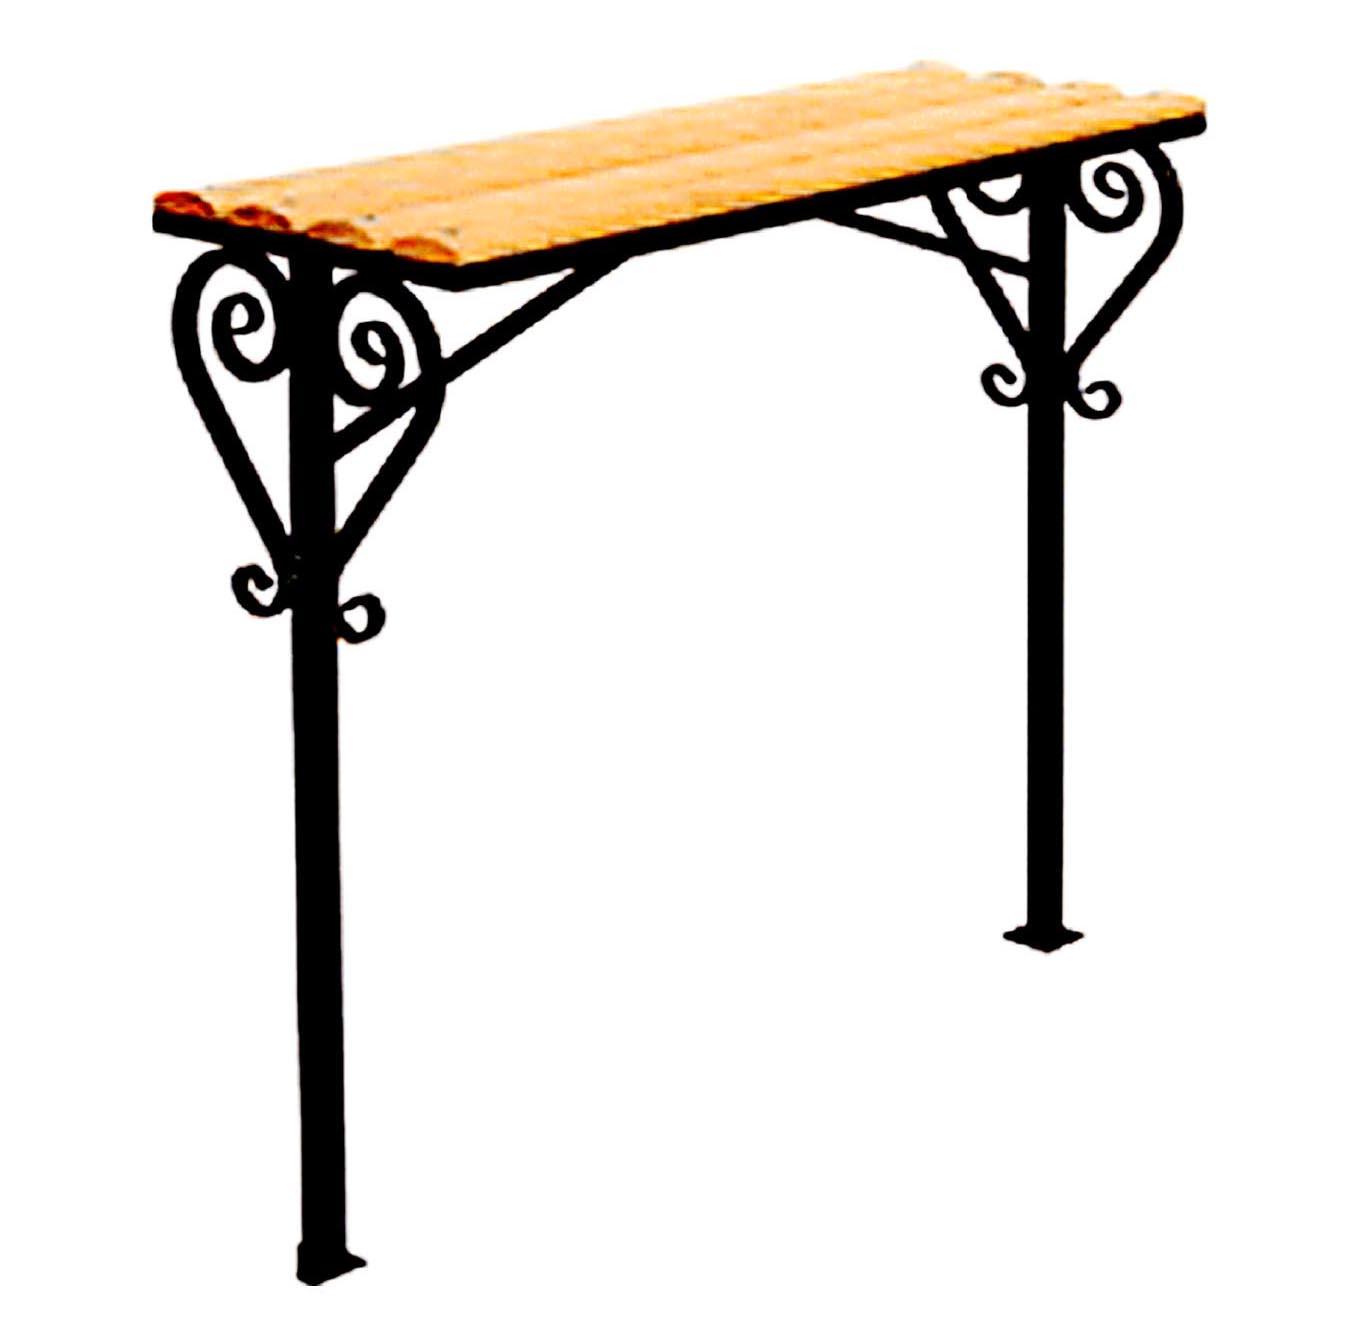 Сделать столик на кладбище своими руками чертежи7